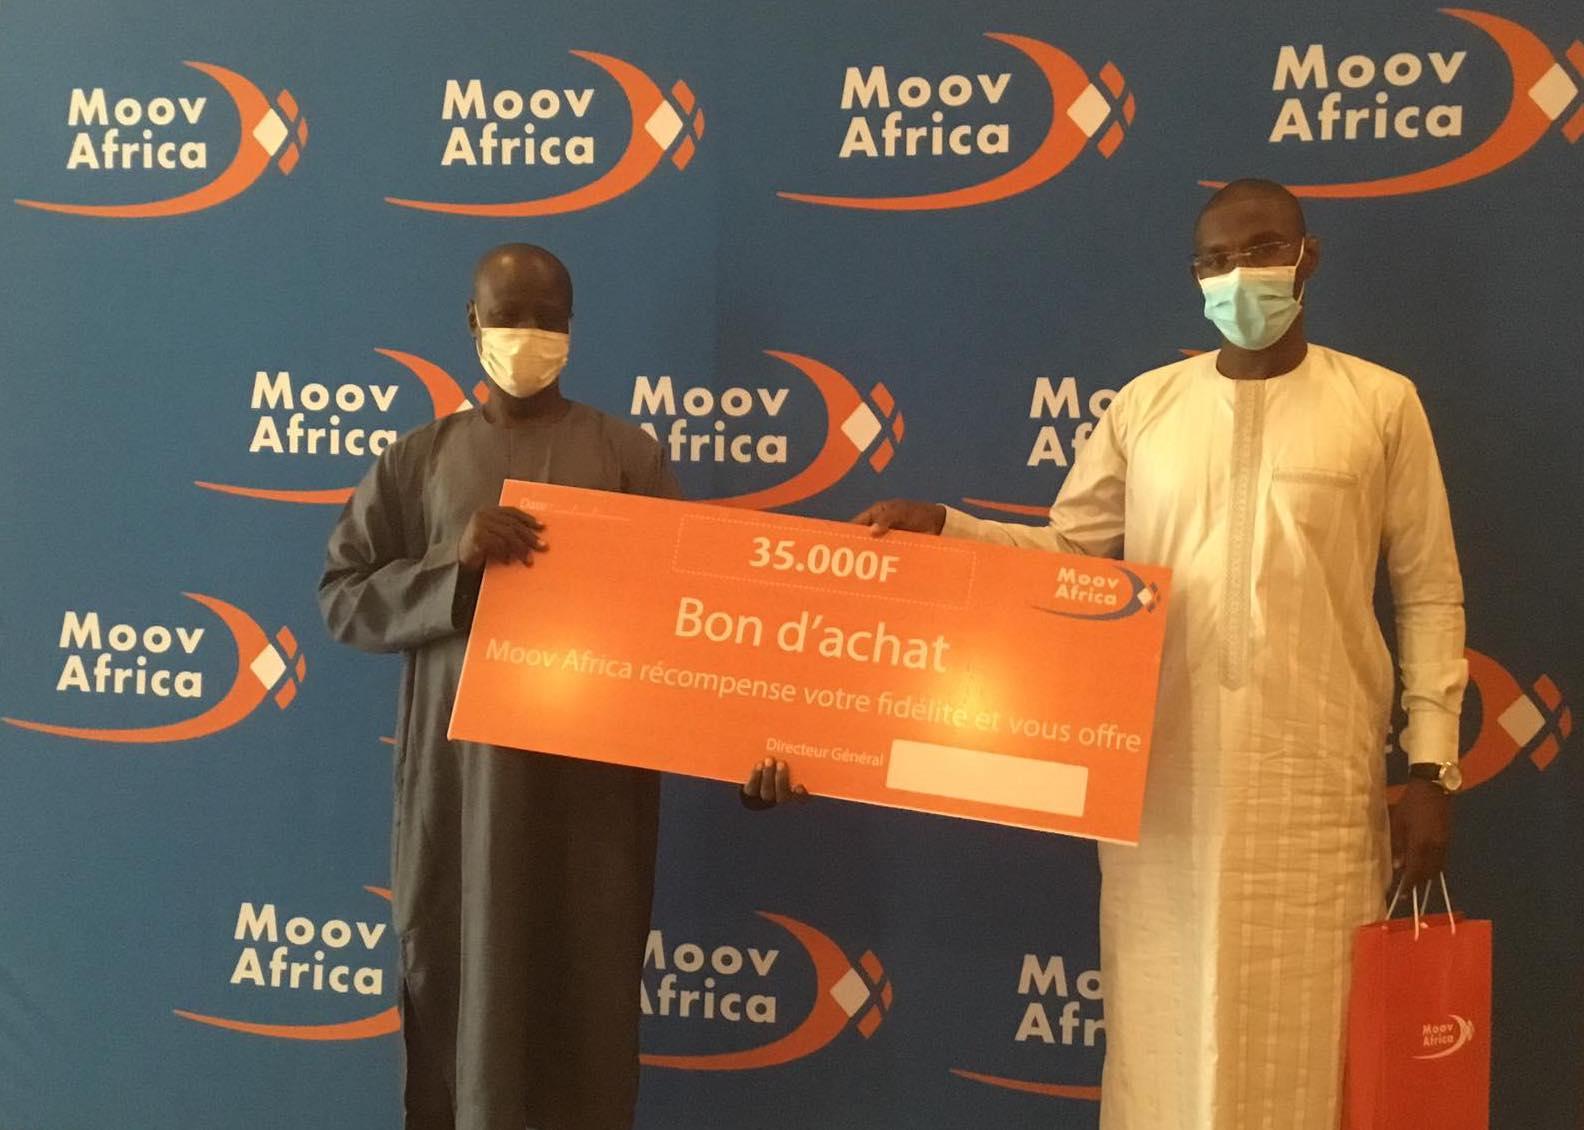 Remise de cadeaux aux anciens clients : Moov Africa récompense sa fidèle clientèle